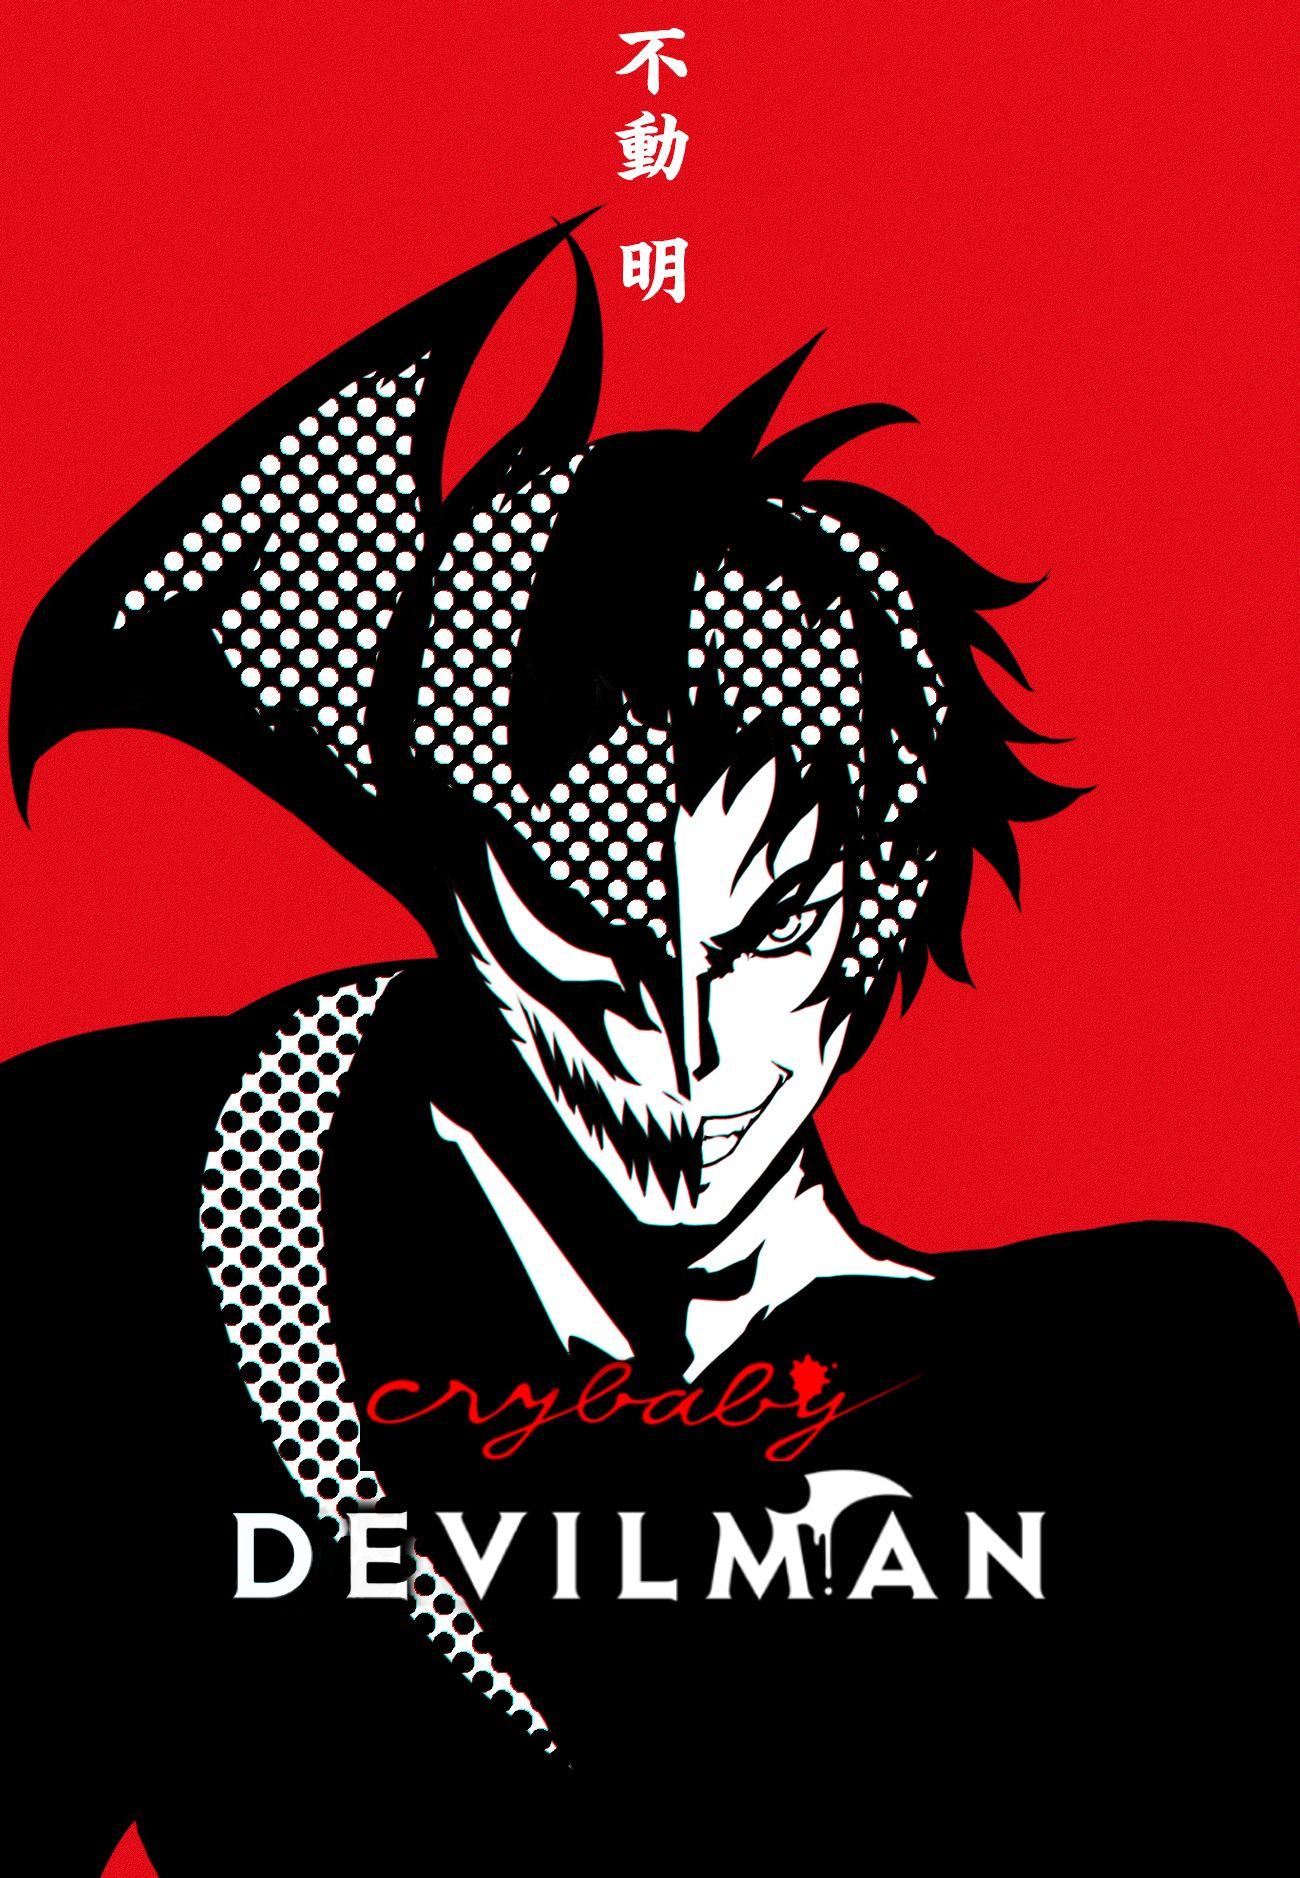 Devilman Crybaby Akira Fudo Toonime Devilman Crybaby Cry Baby